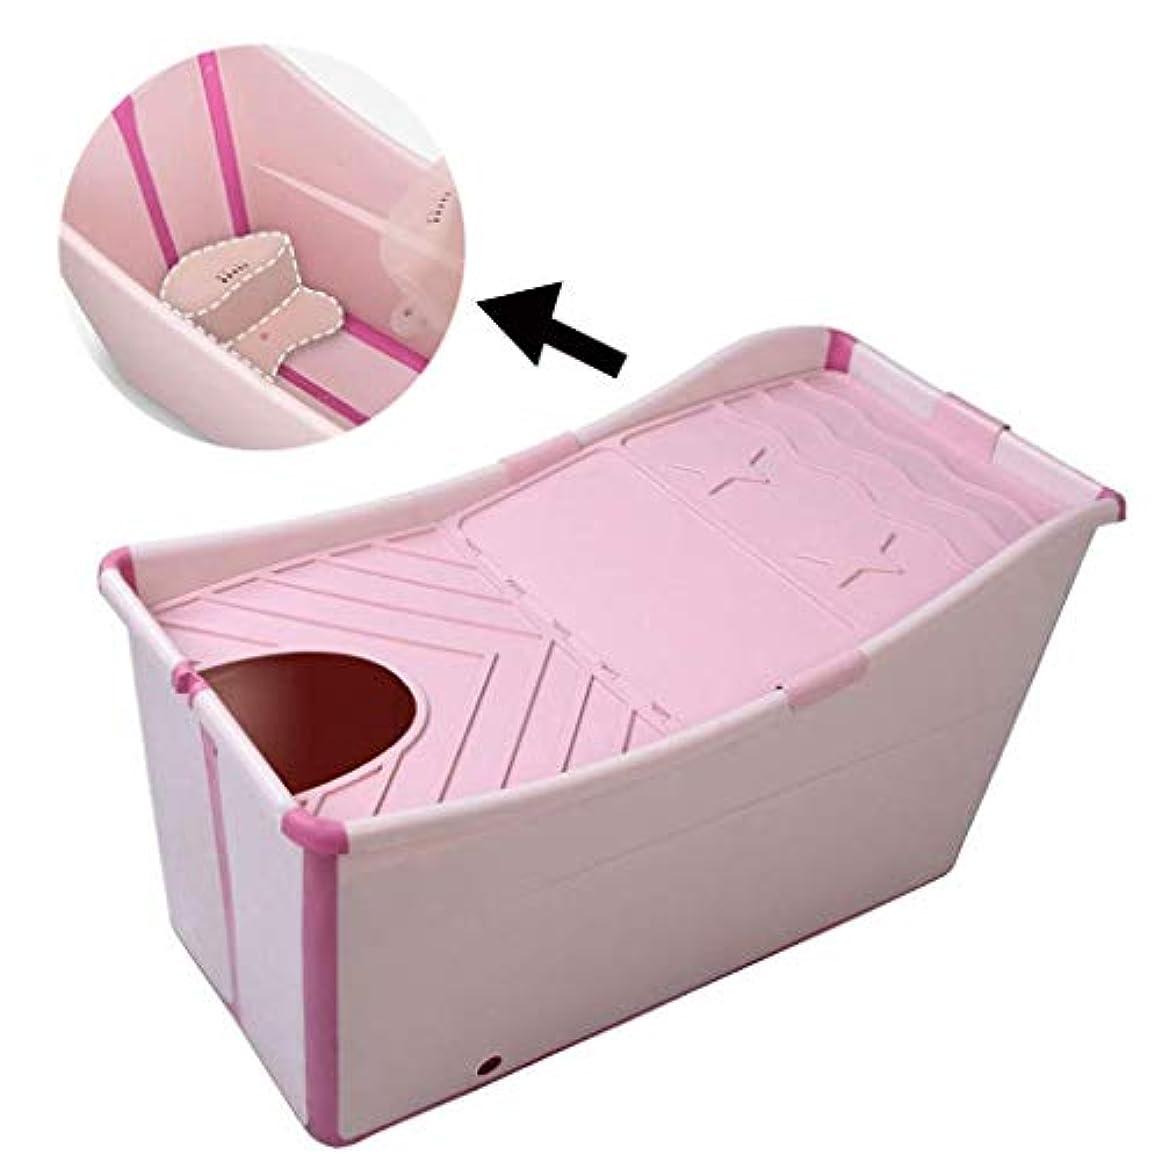 バスカジュアルスキルジャンボ折り畳み浴槽に入浴椅子があり、夏のプールの独立式浴槽桶は成人/老人、子供、SPA理学療法に適していて、浴槽がさらに高くなって、長い保温時間に蓋が付いています (Color : Pink)